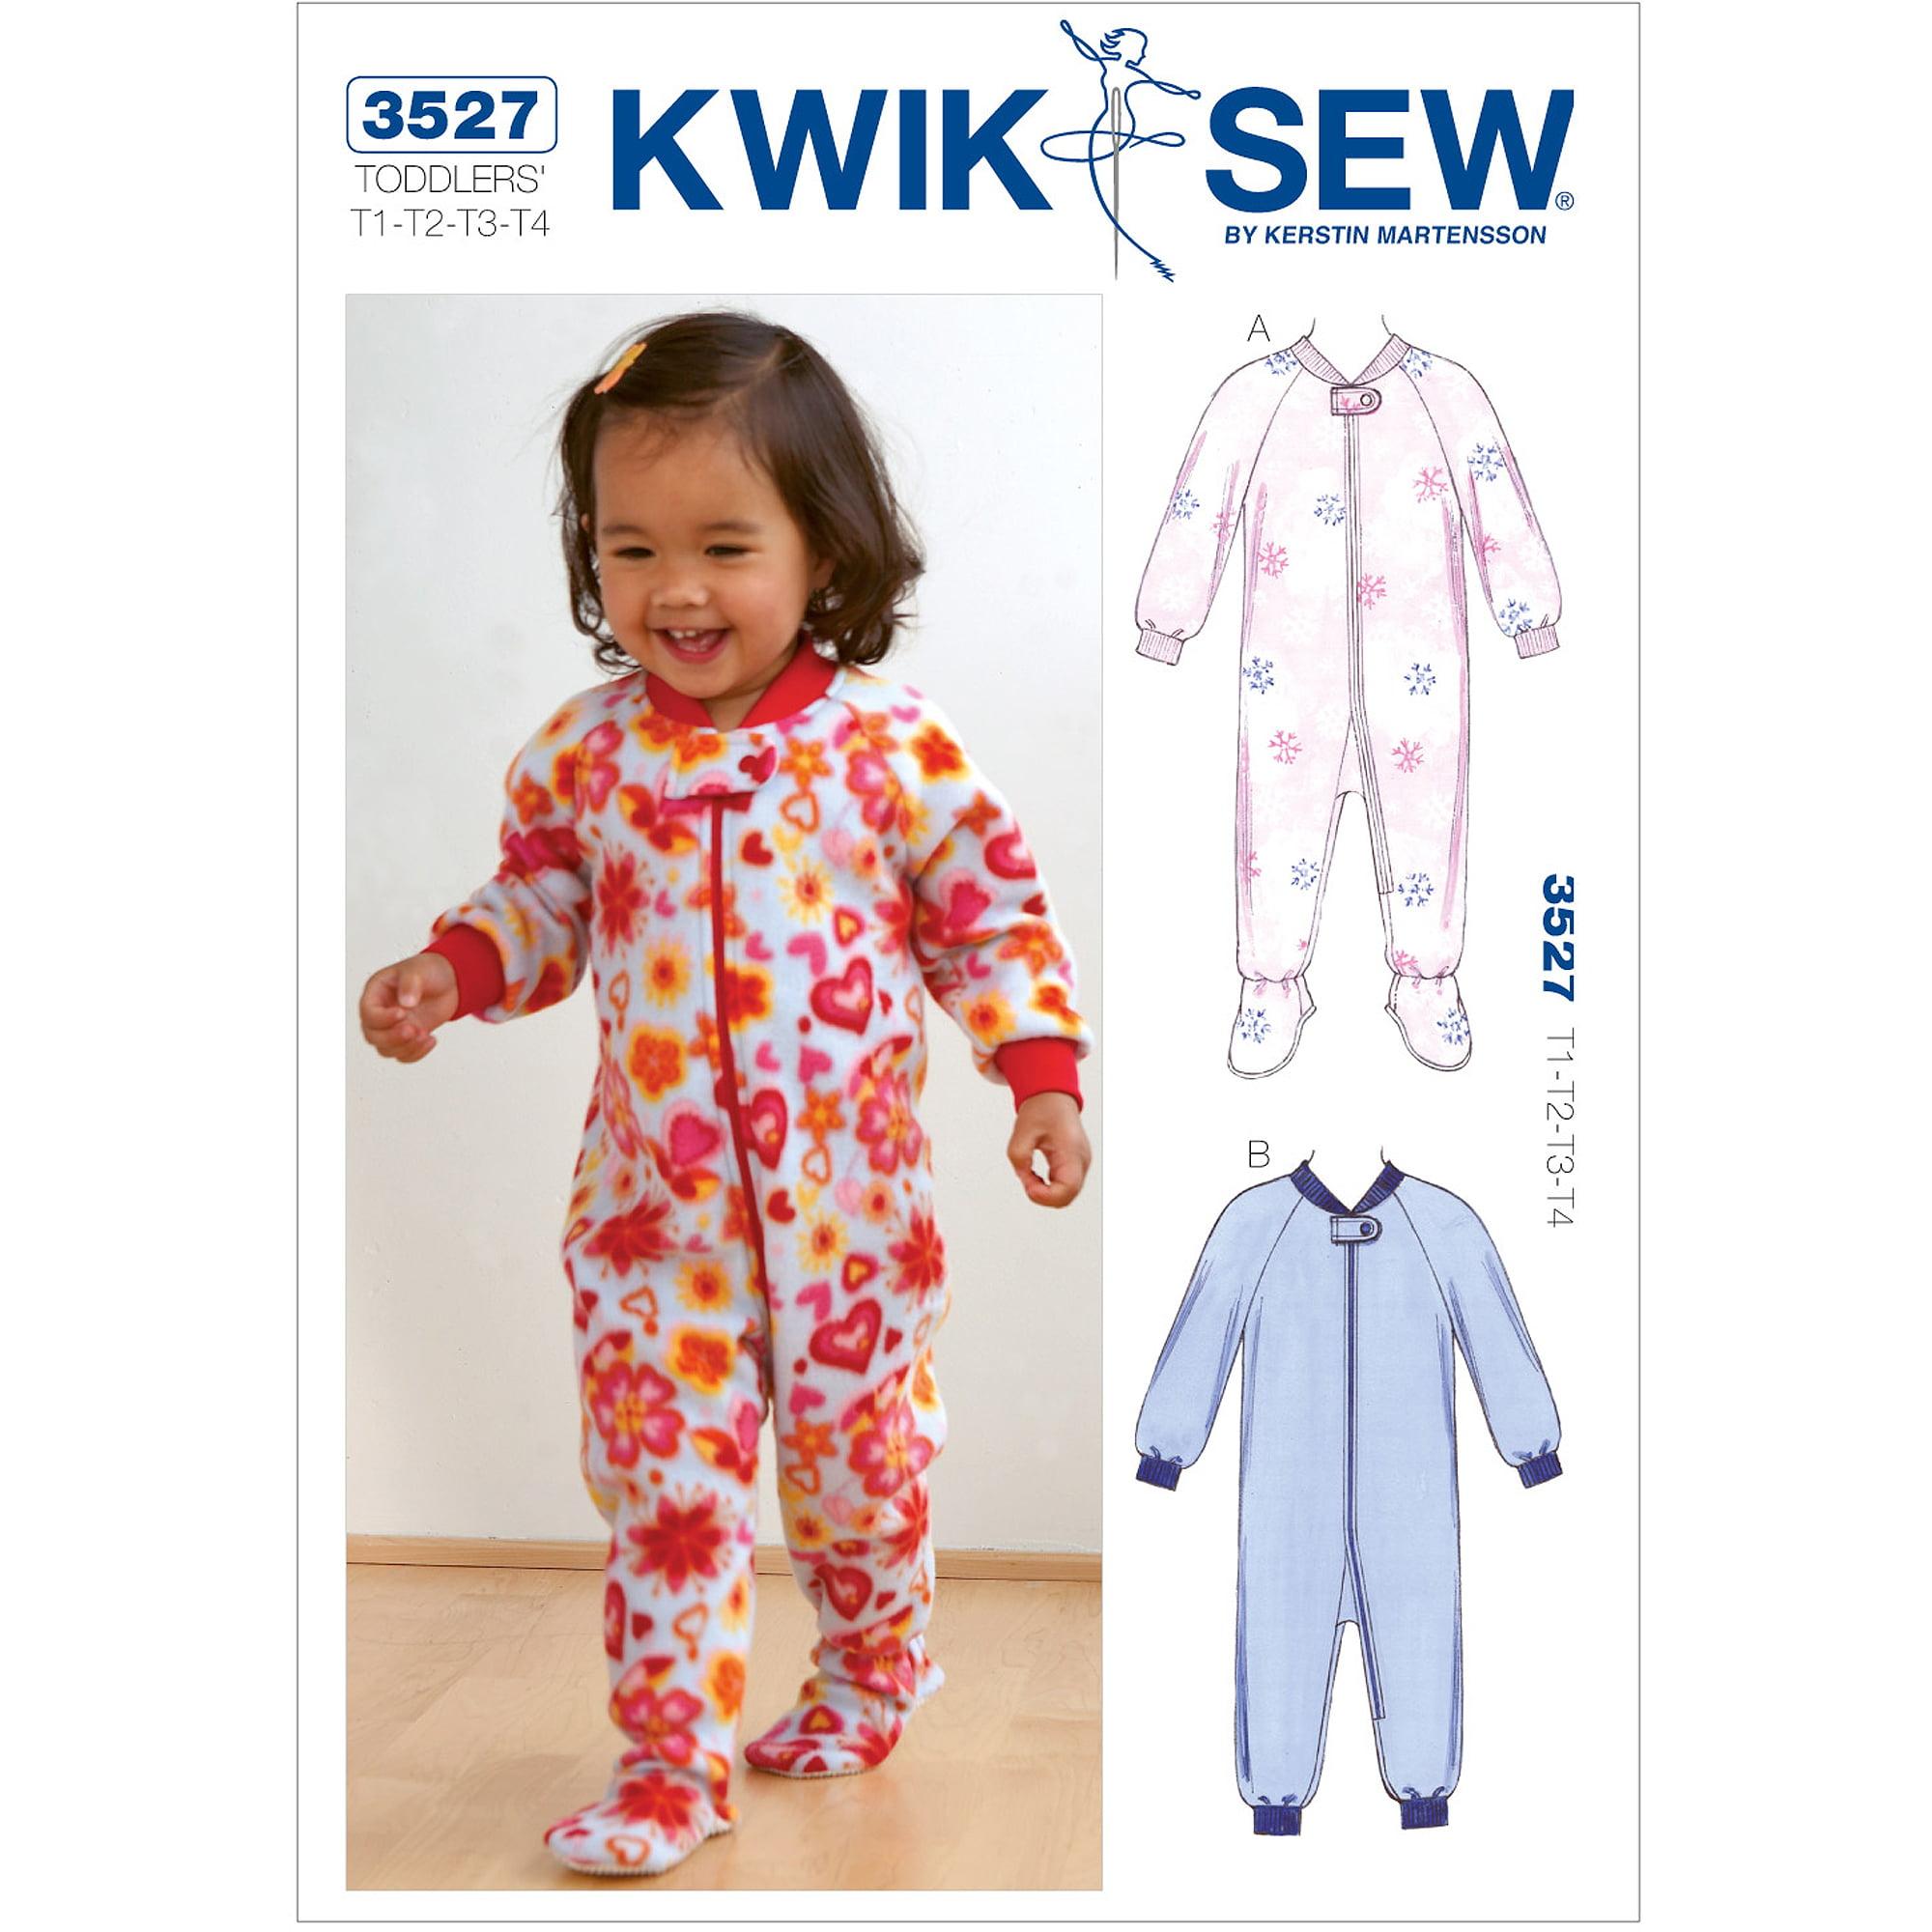 Kwik Sew Pattern Sleepers, (T1, T2, T3, T4)